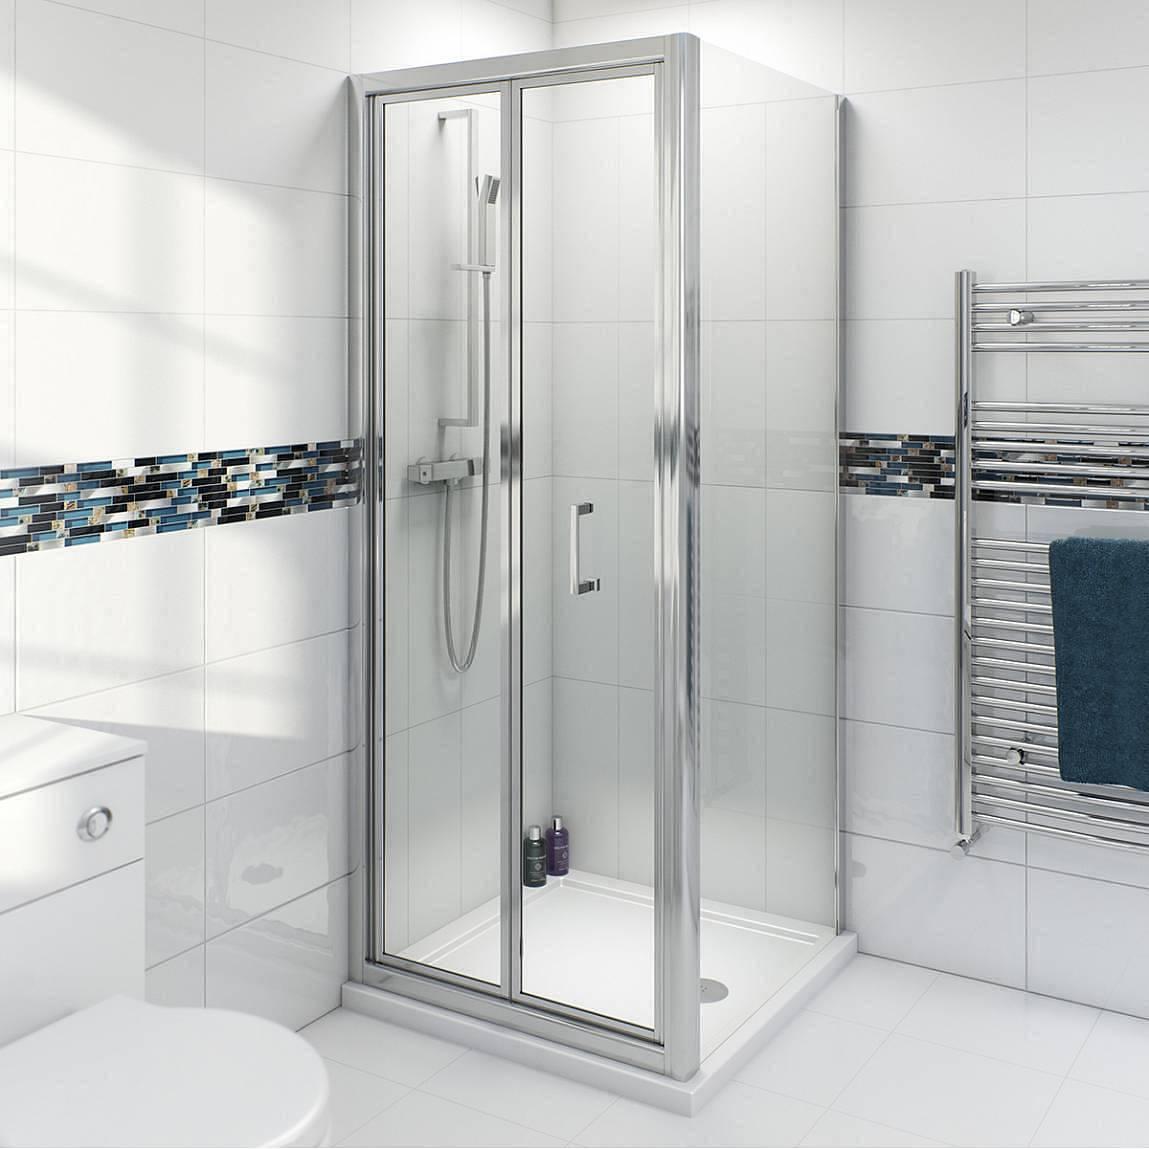 Image of V6 Bifold Enclosure 800 x 900